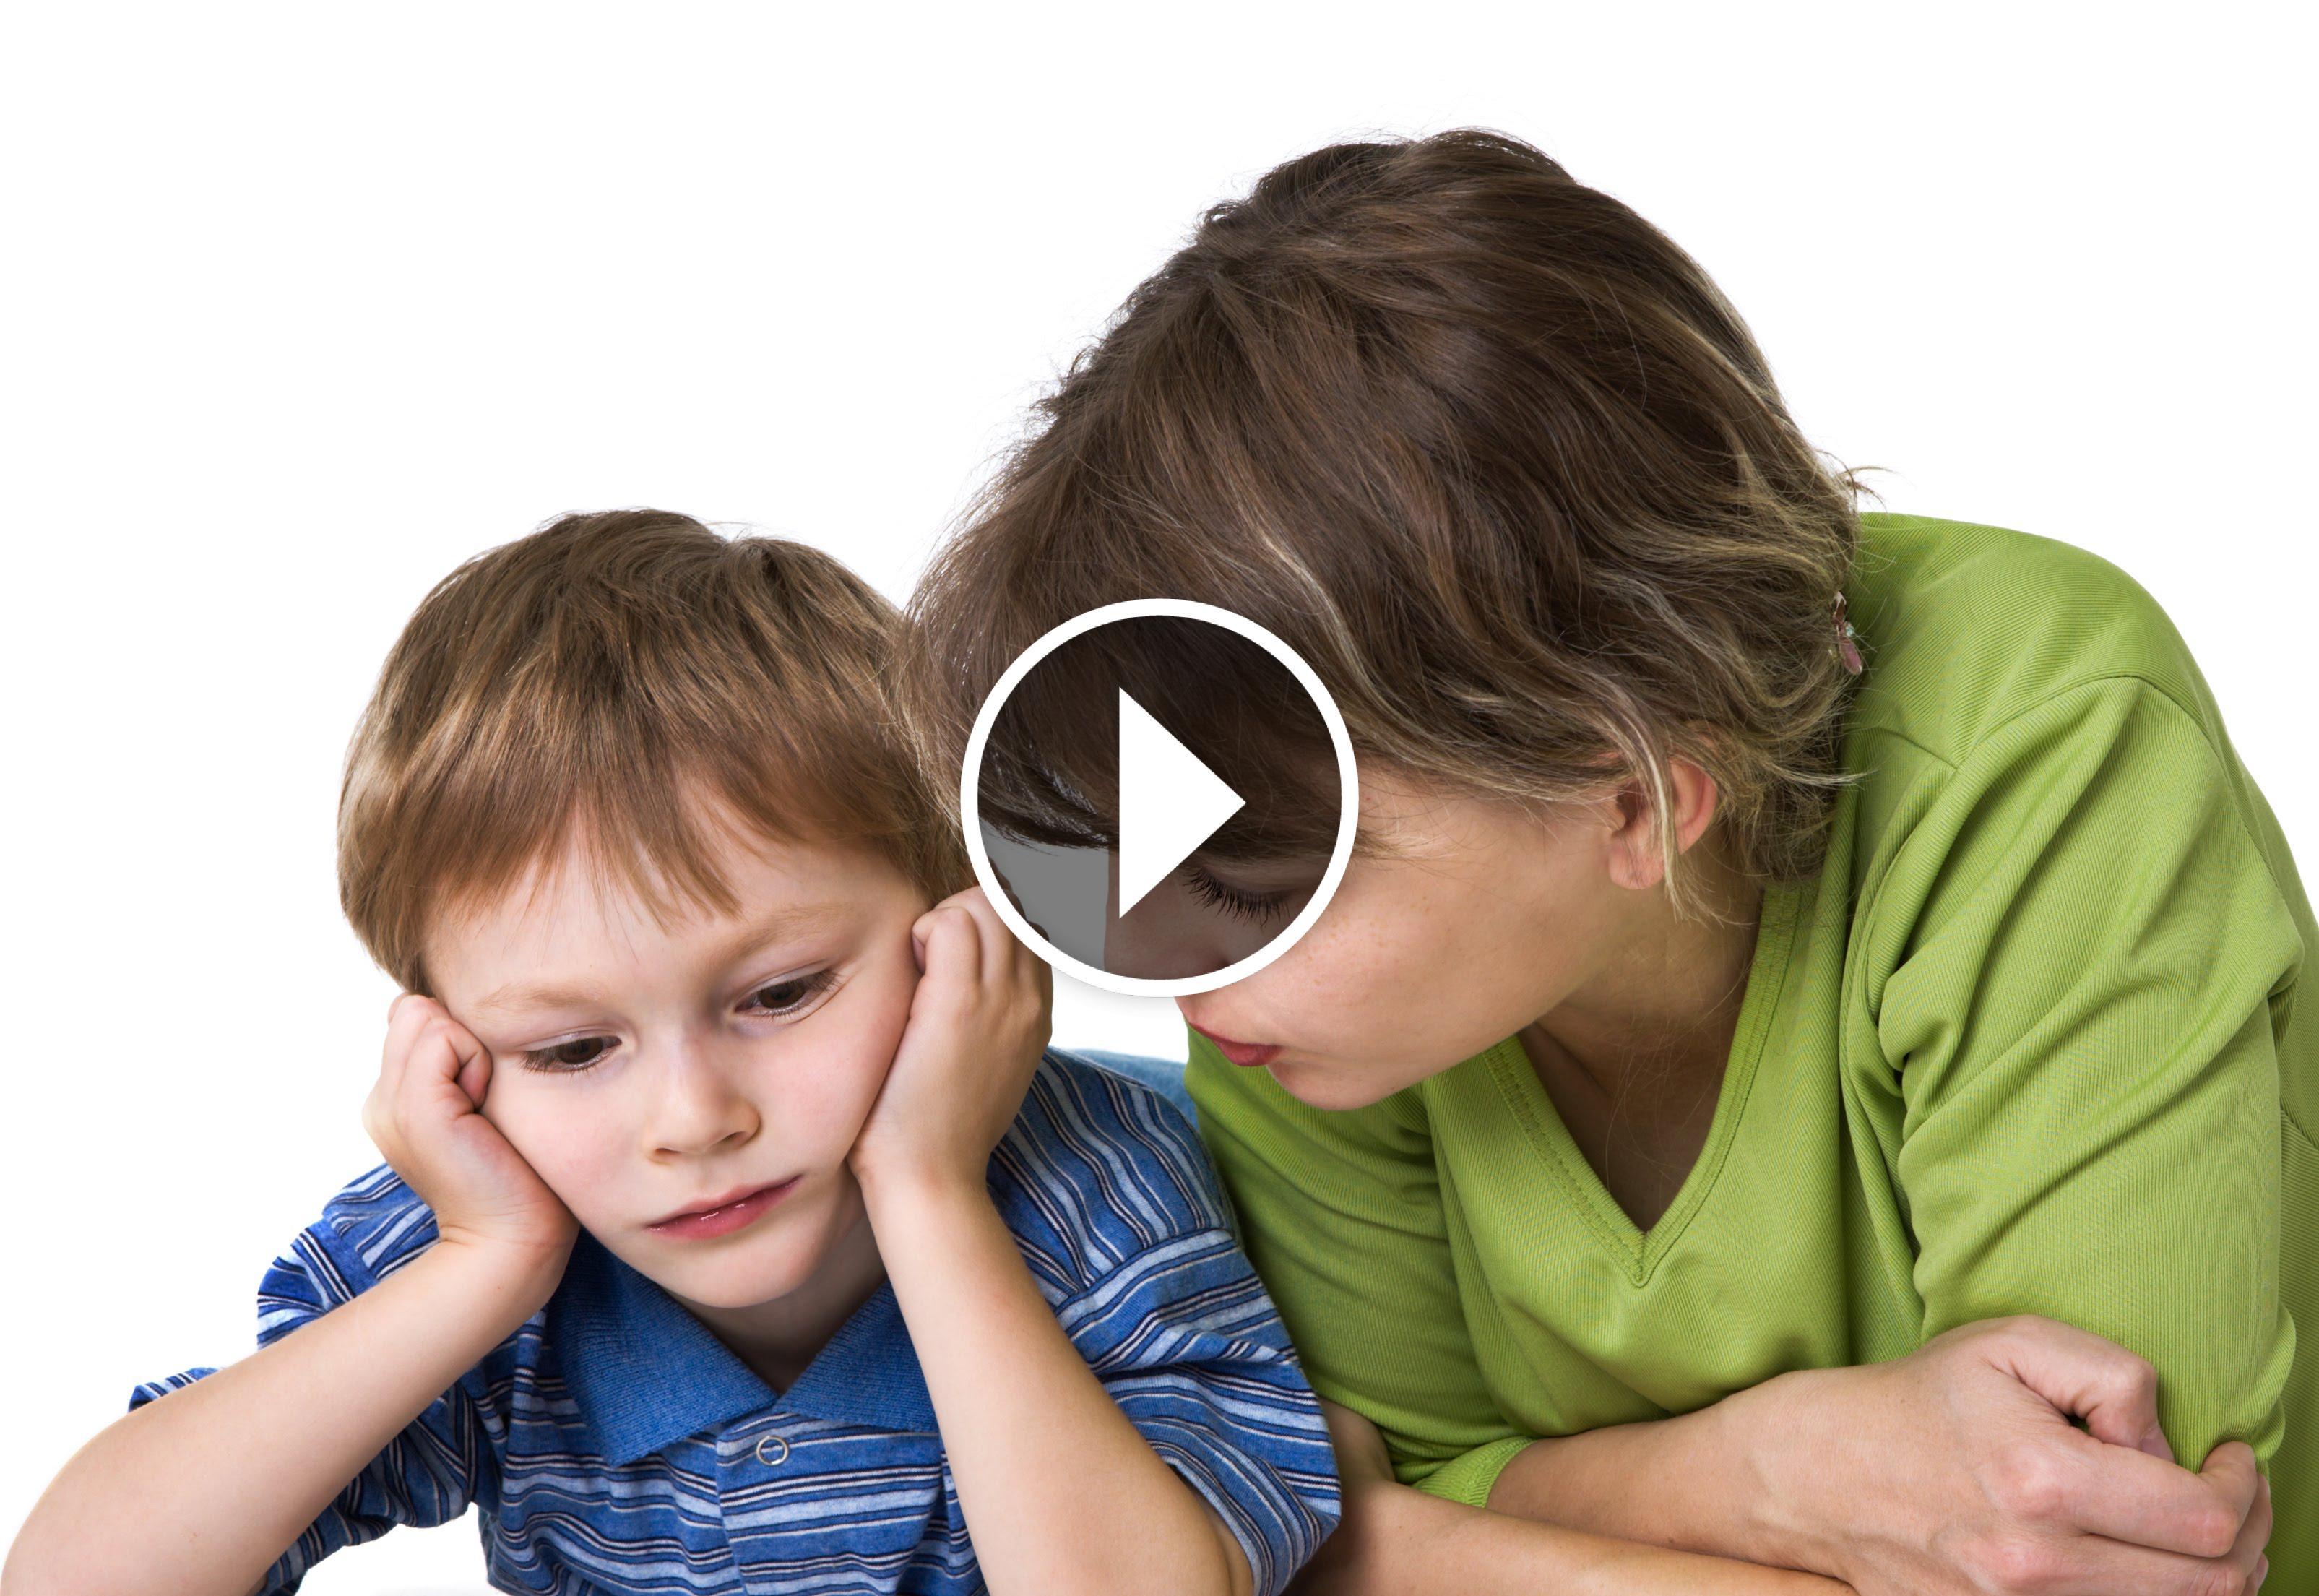 сын больно заставляет маму тарахатся